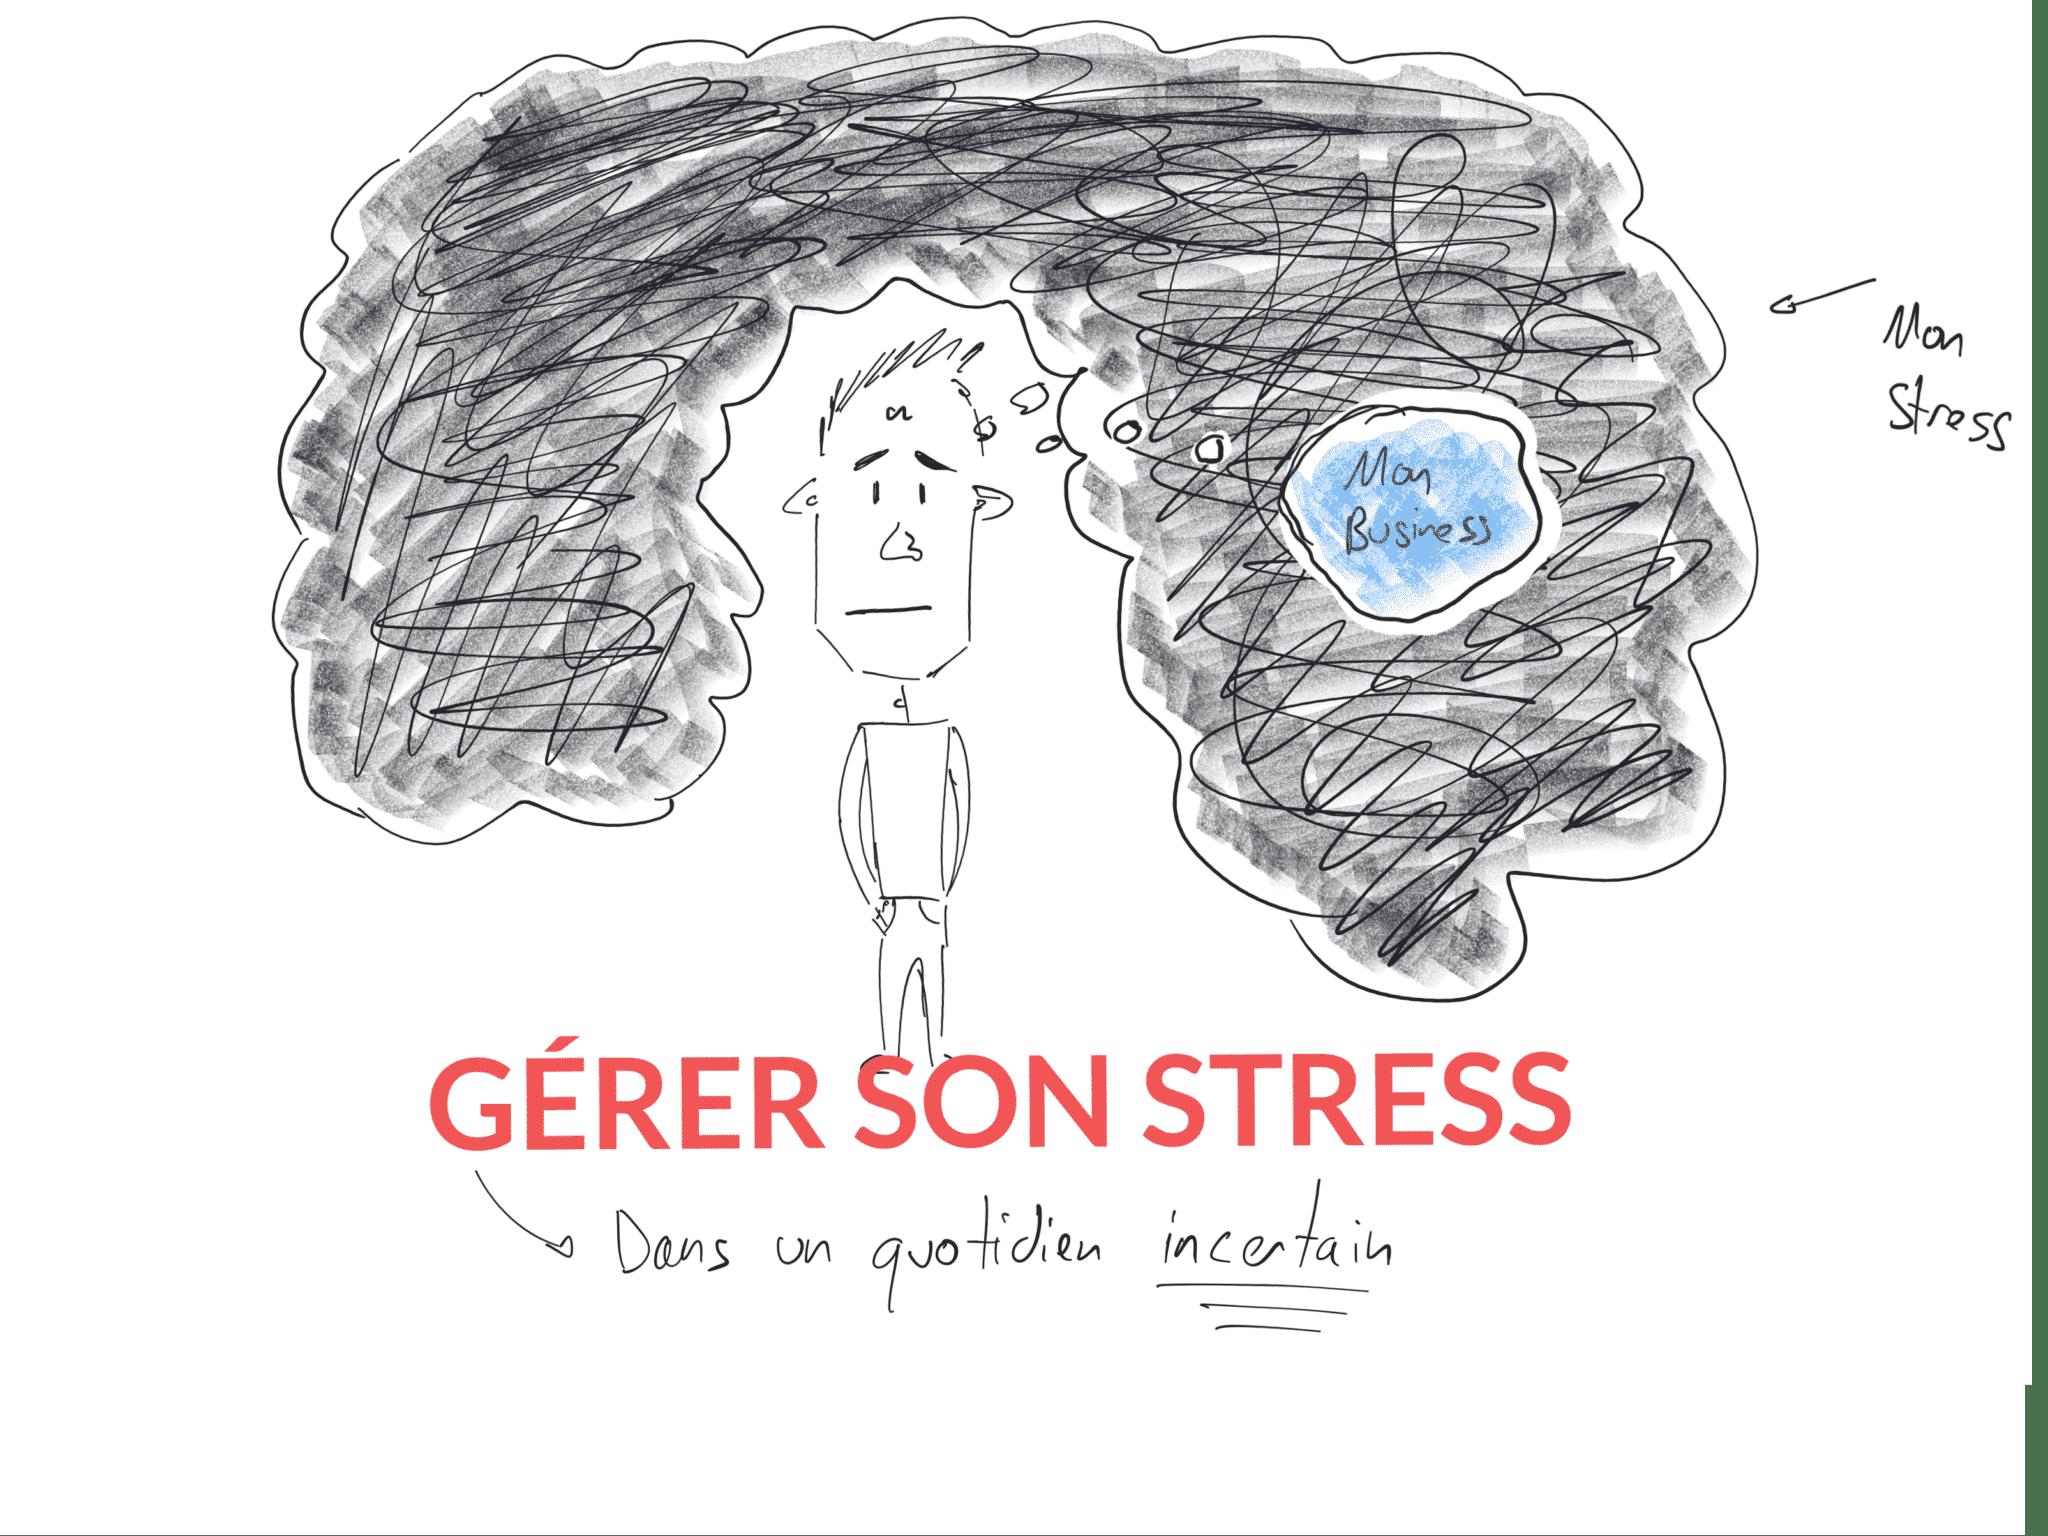 comment gérer son stress au travail